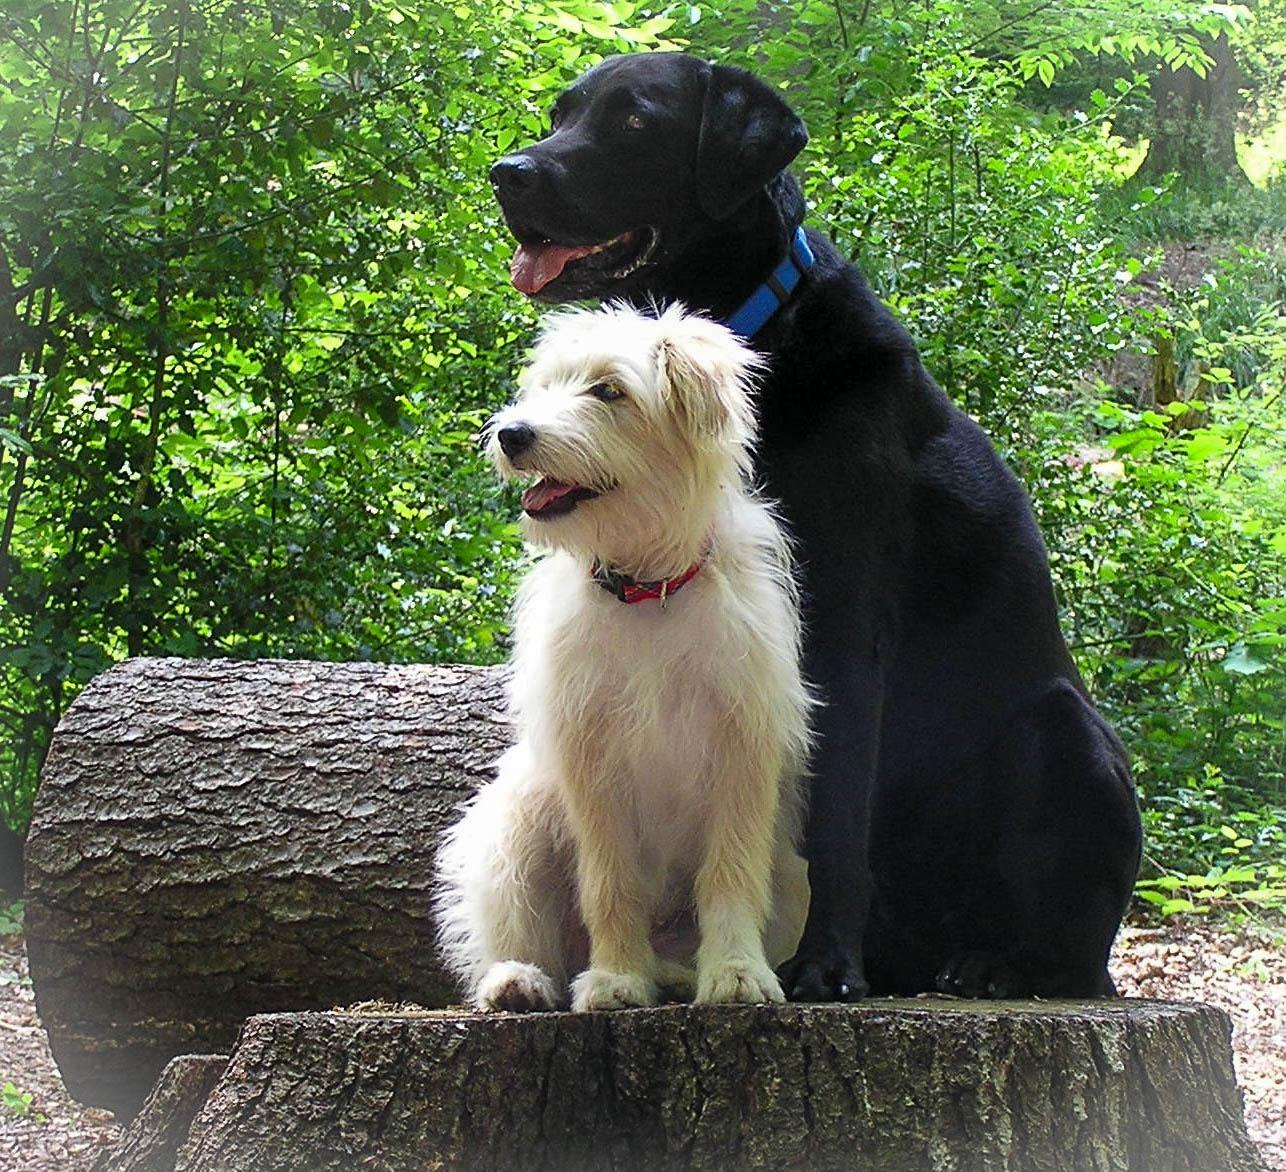 Zwei Hunde sitzen auf einem Baumstamm